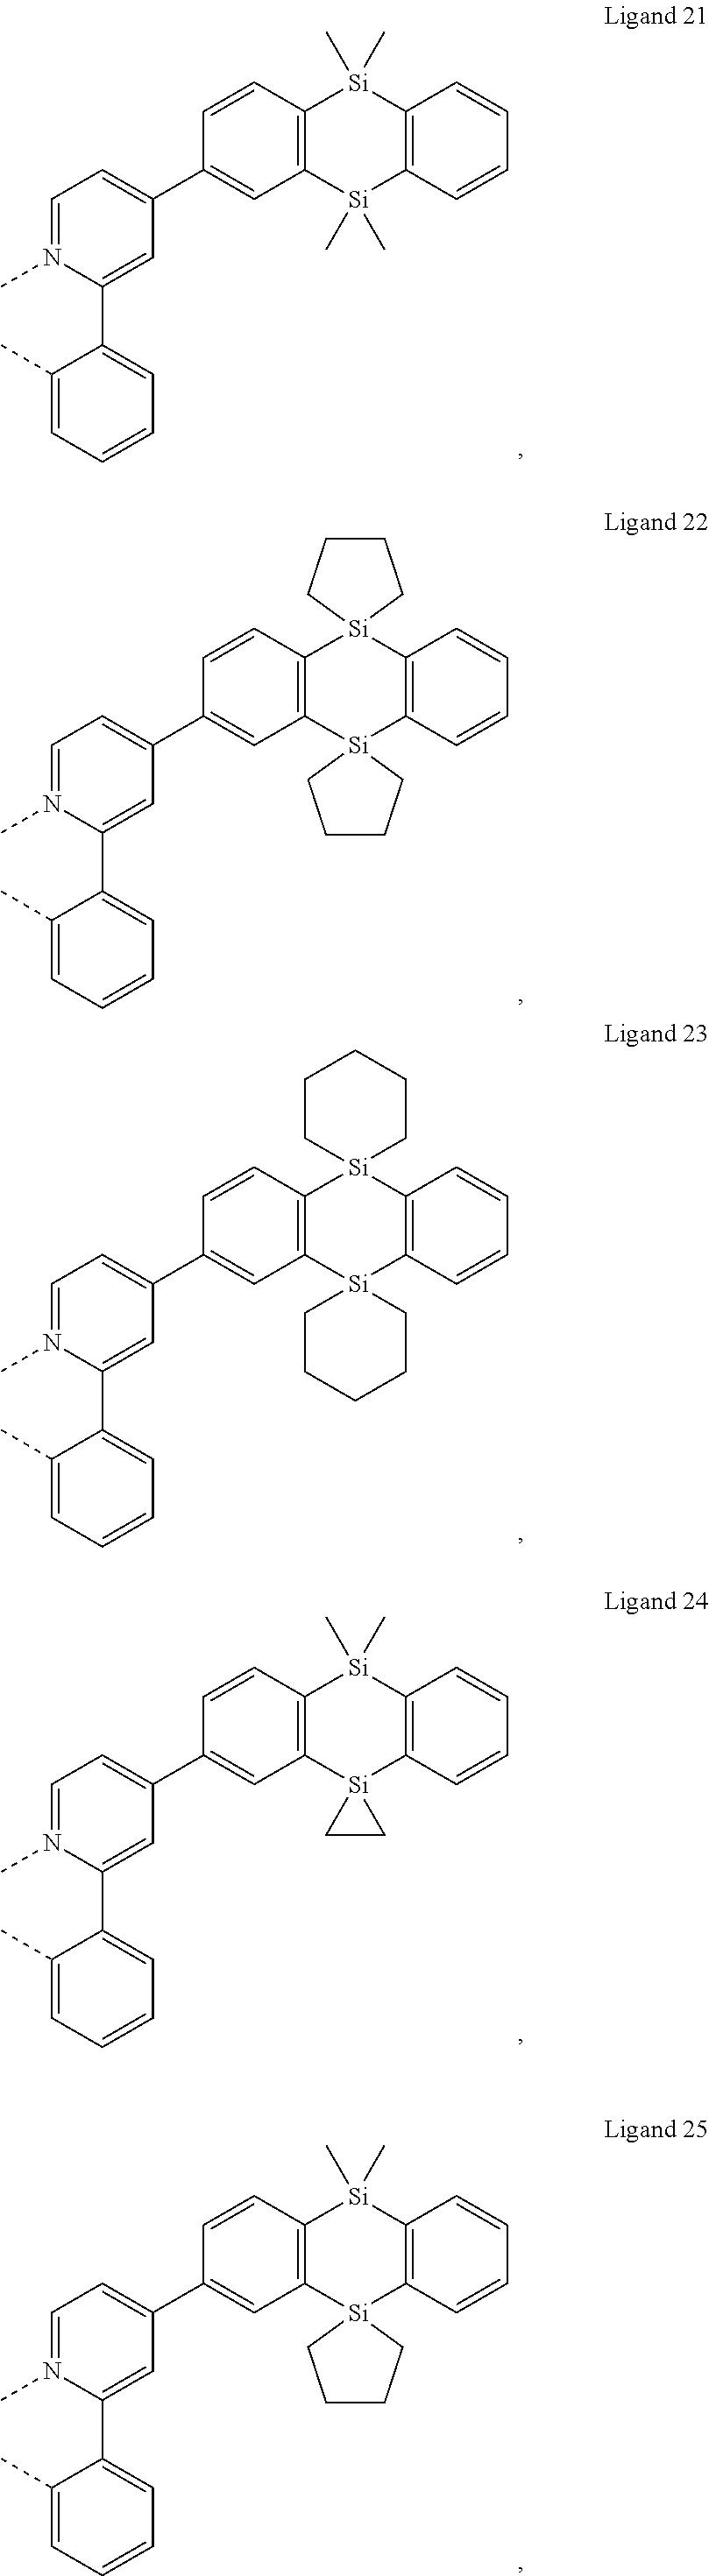 Figure US20180130962A1-20180510-C00232